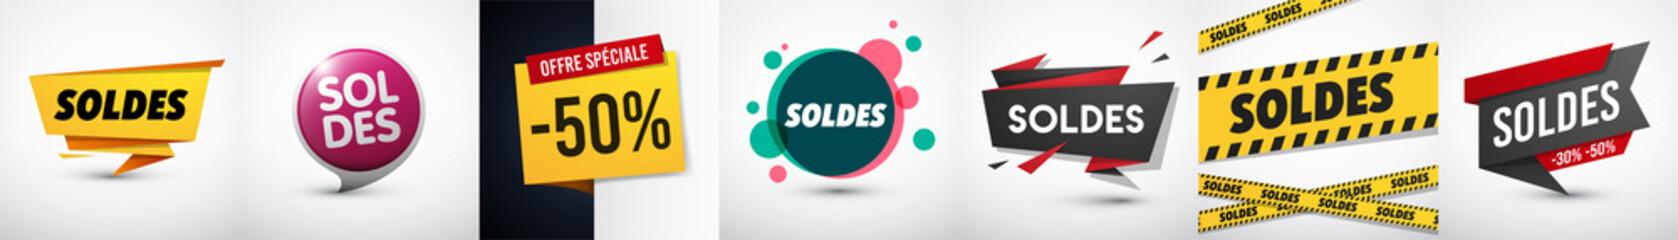 Soldes pack